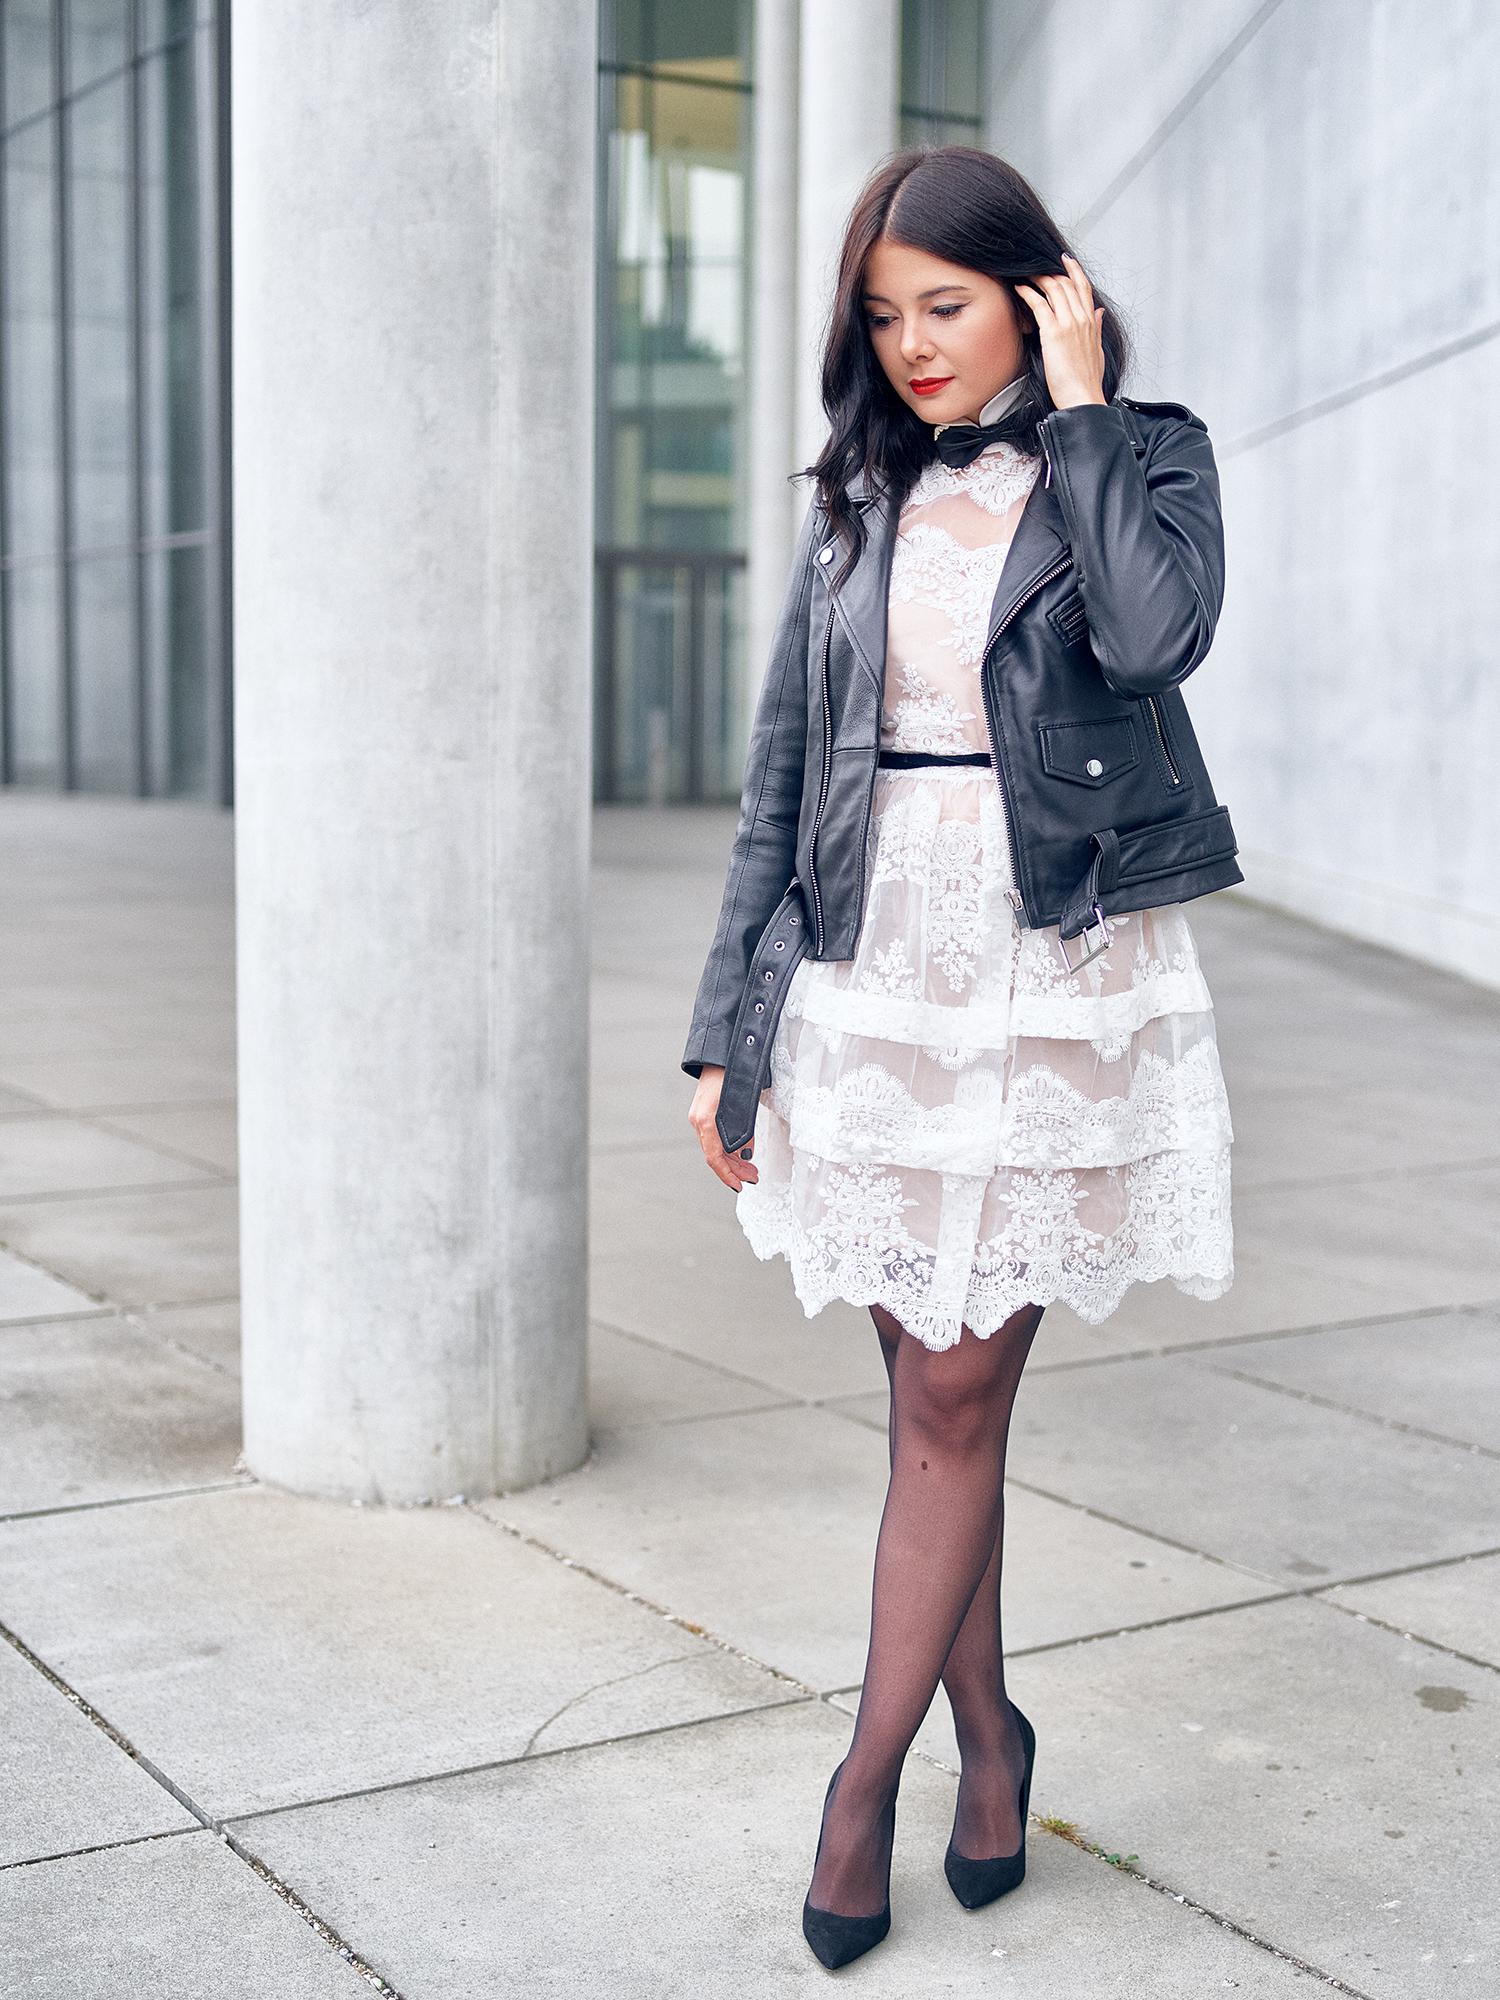 black and white lace dress weißes kleid mit Lederjacke und schwarzen Strümpfen und schwarzen Pumps sowie einer Fliege Fashionambit